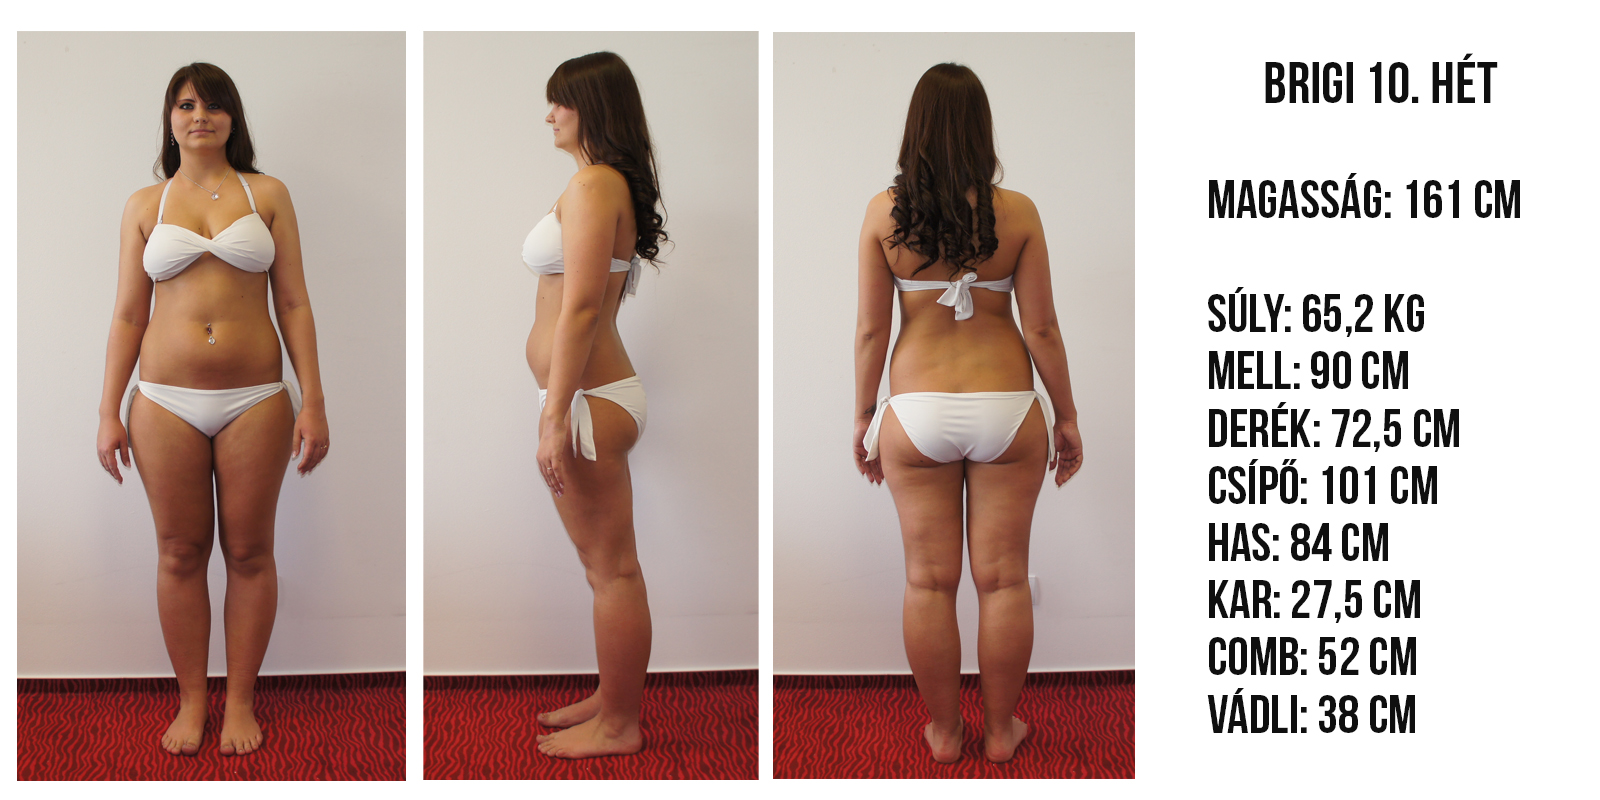 Hogyan fogyhat 5 hét alatt 5 kg-os étrendre